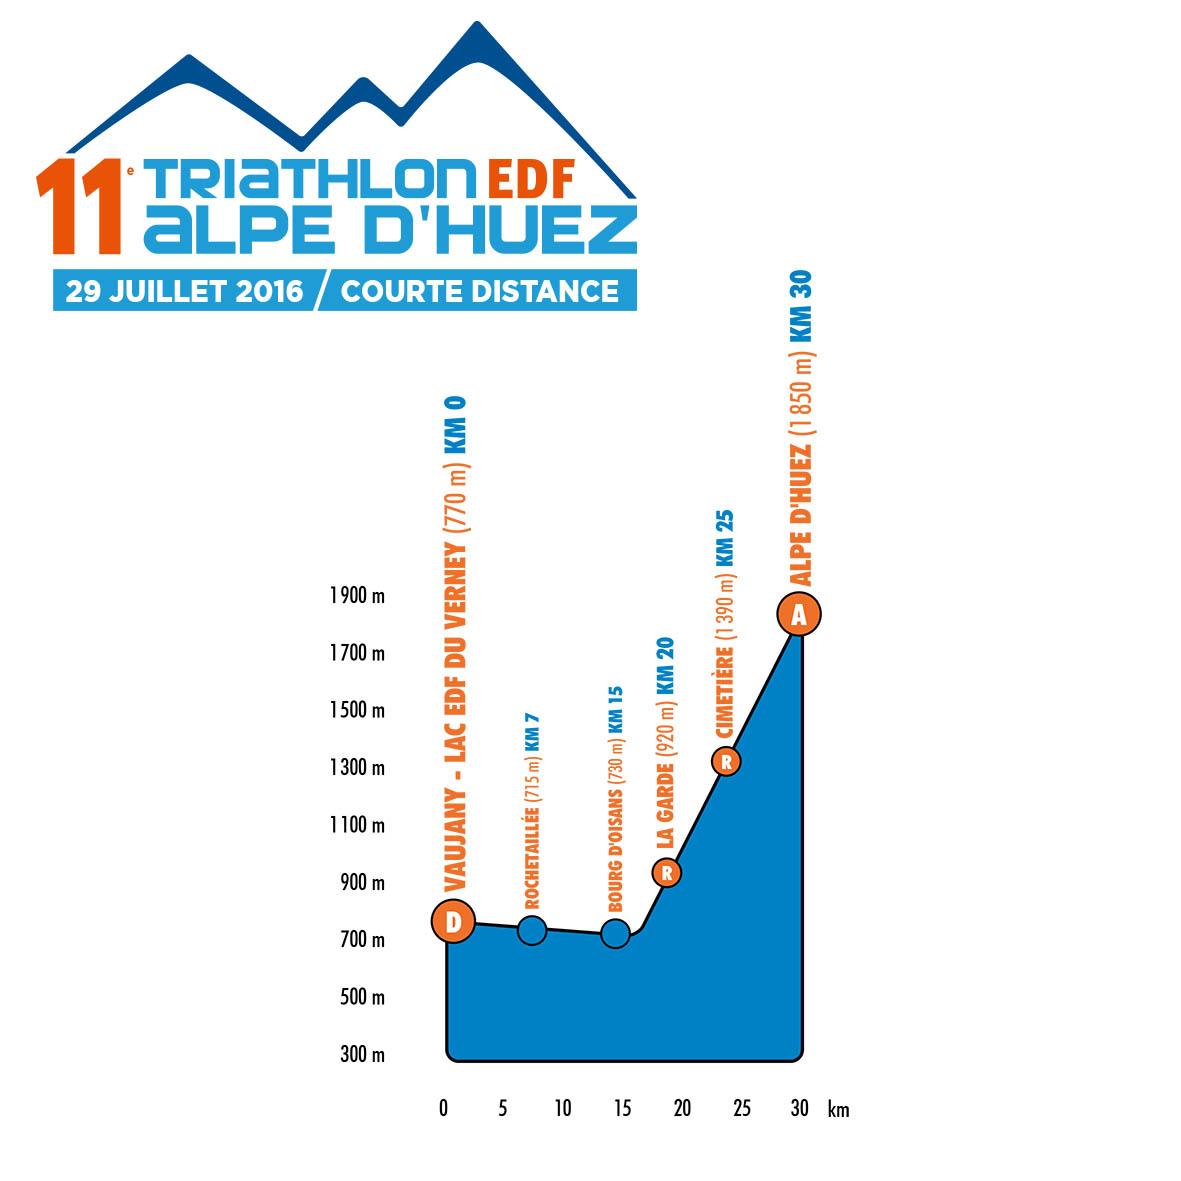 triathlon m alpes d'huez